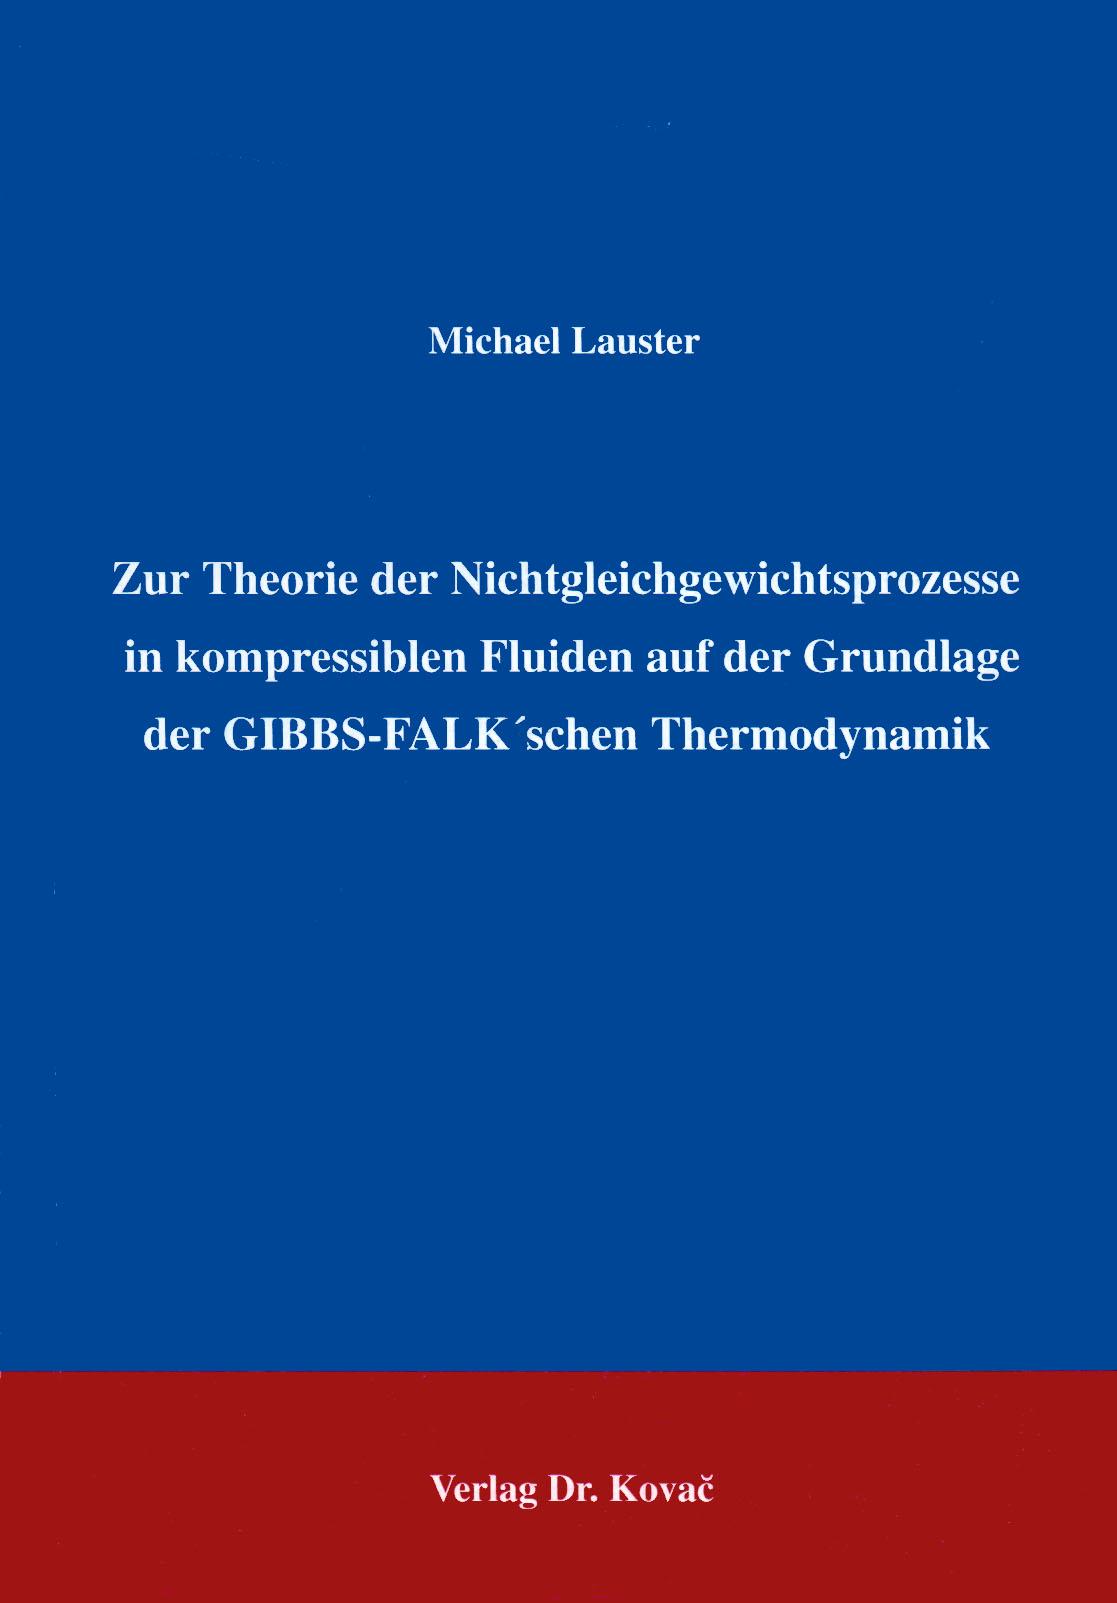 Cover: Zur Theorie der Nichtgleichgewichtsprozesse in kompressiblen Fluiden auf der Grundlage der GIBBS-FALK'schen Thermodynamik